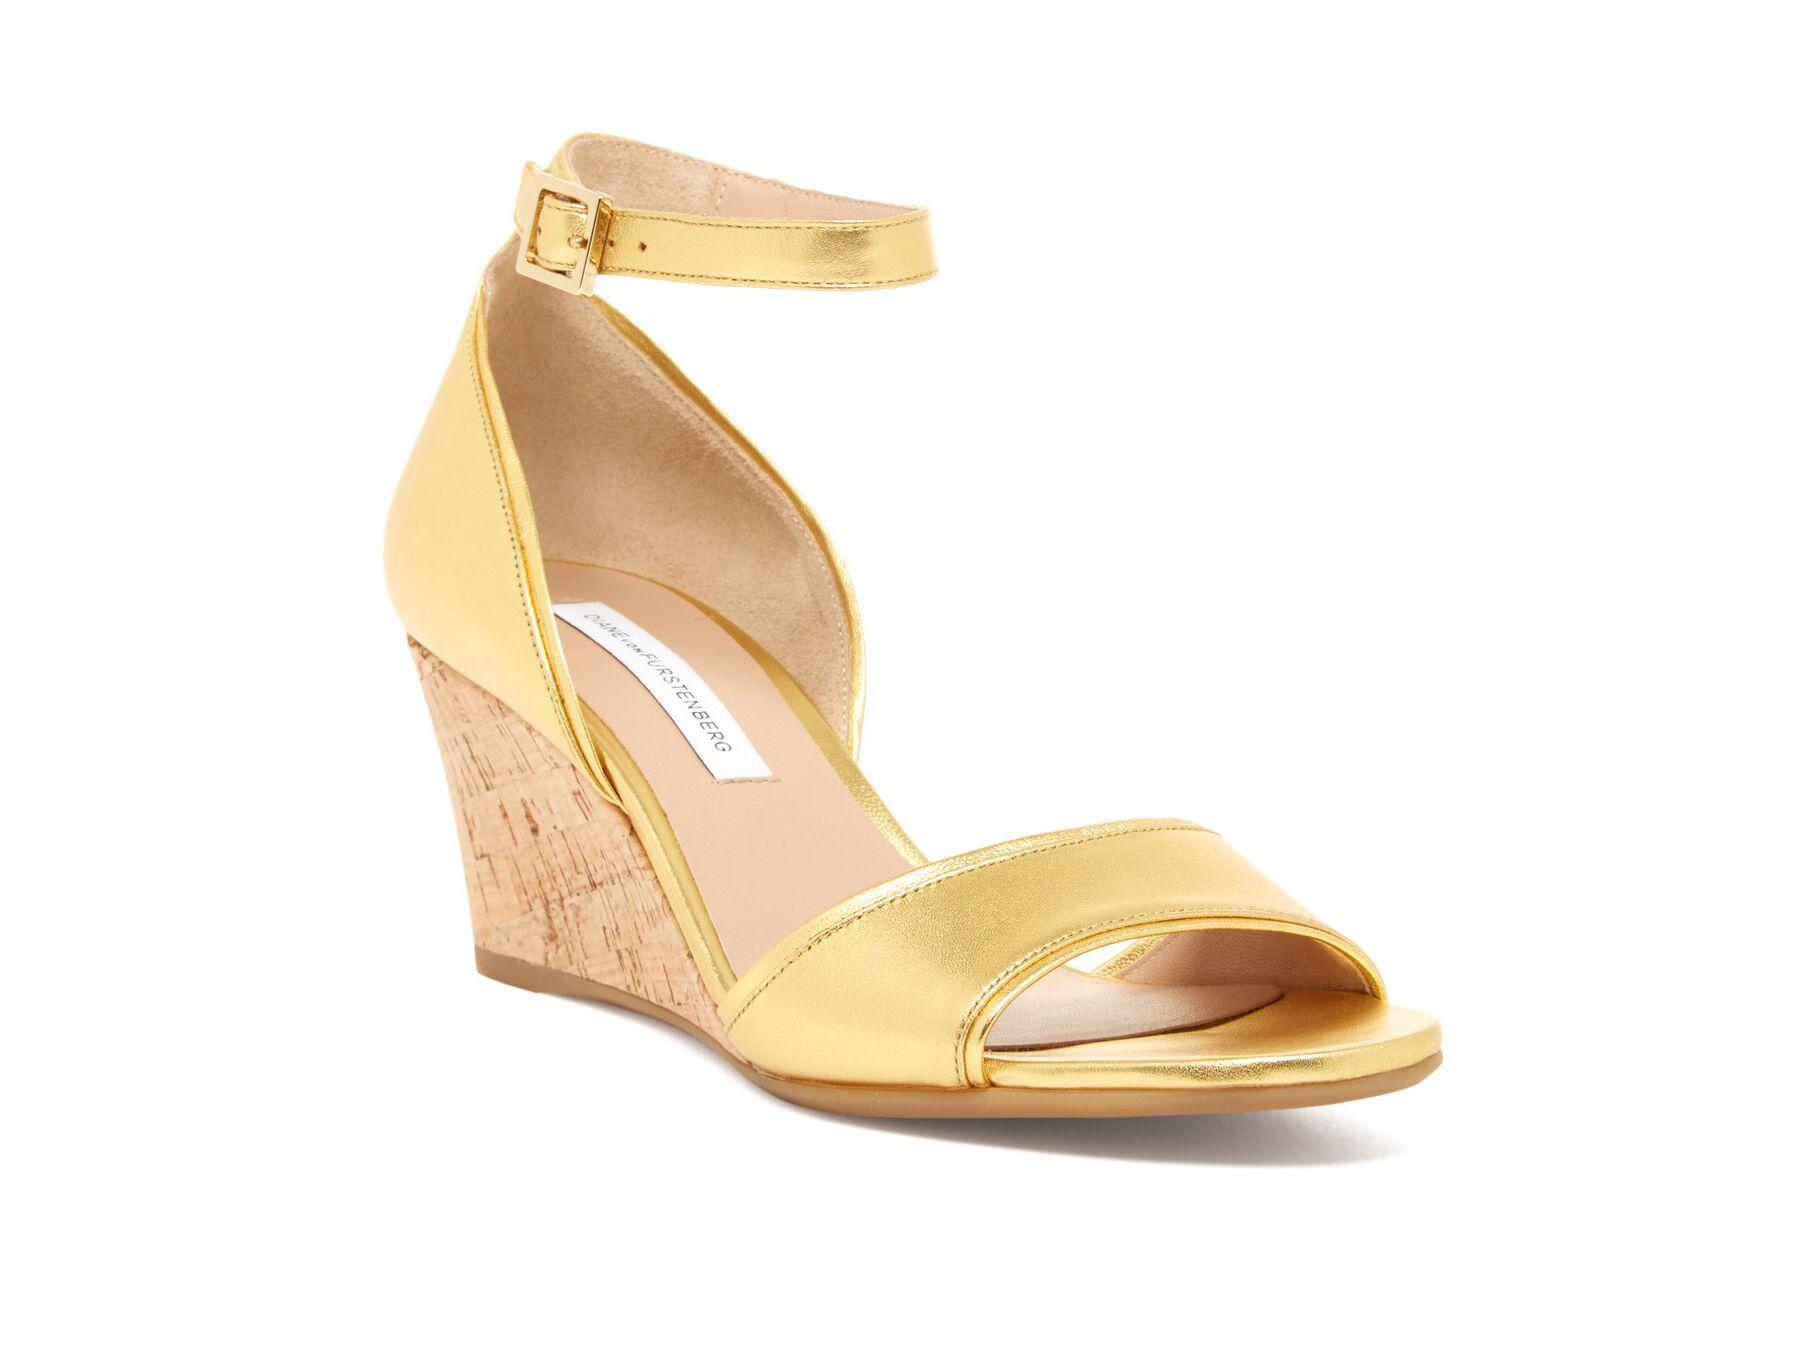 womens sandals women comforter s images jellypop platform wedge wedges most tahoe comfortable